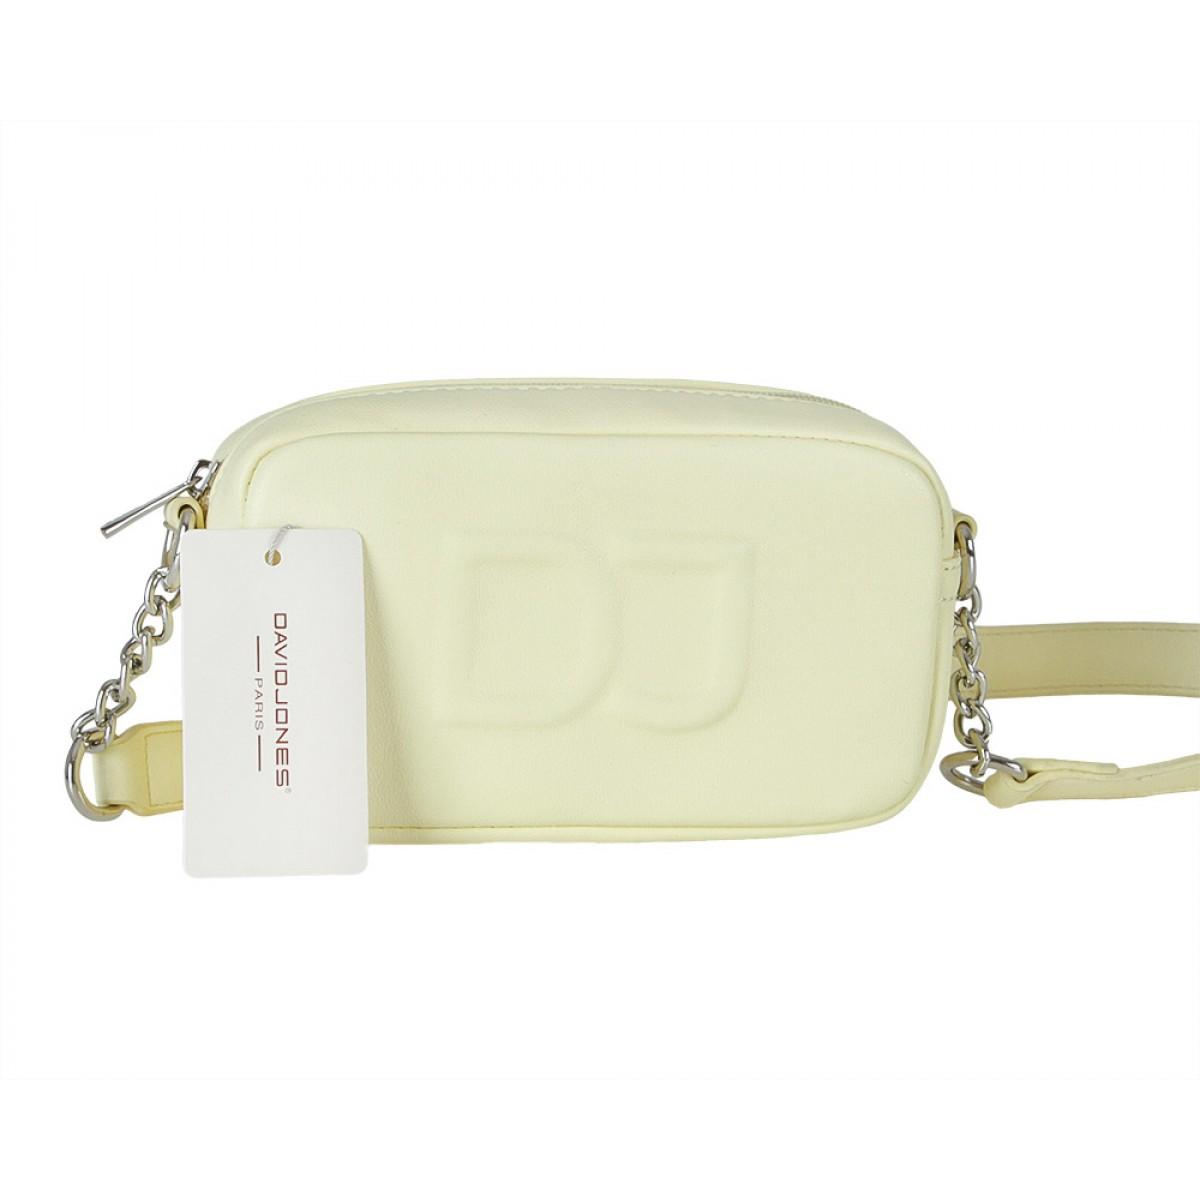 Жіноча сумка David Jones 6260-1 FAINT YELLOW